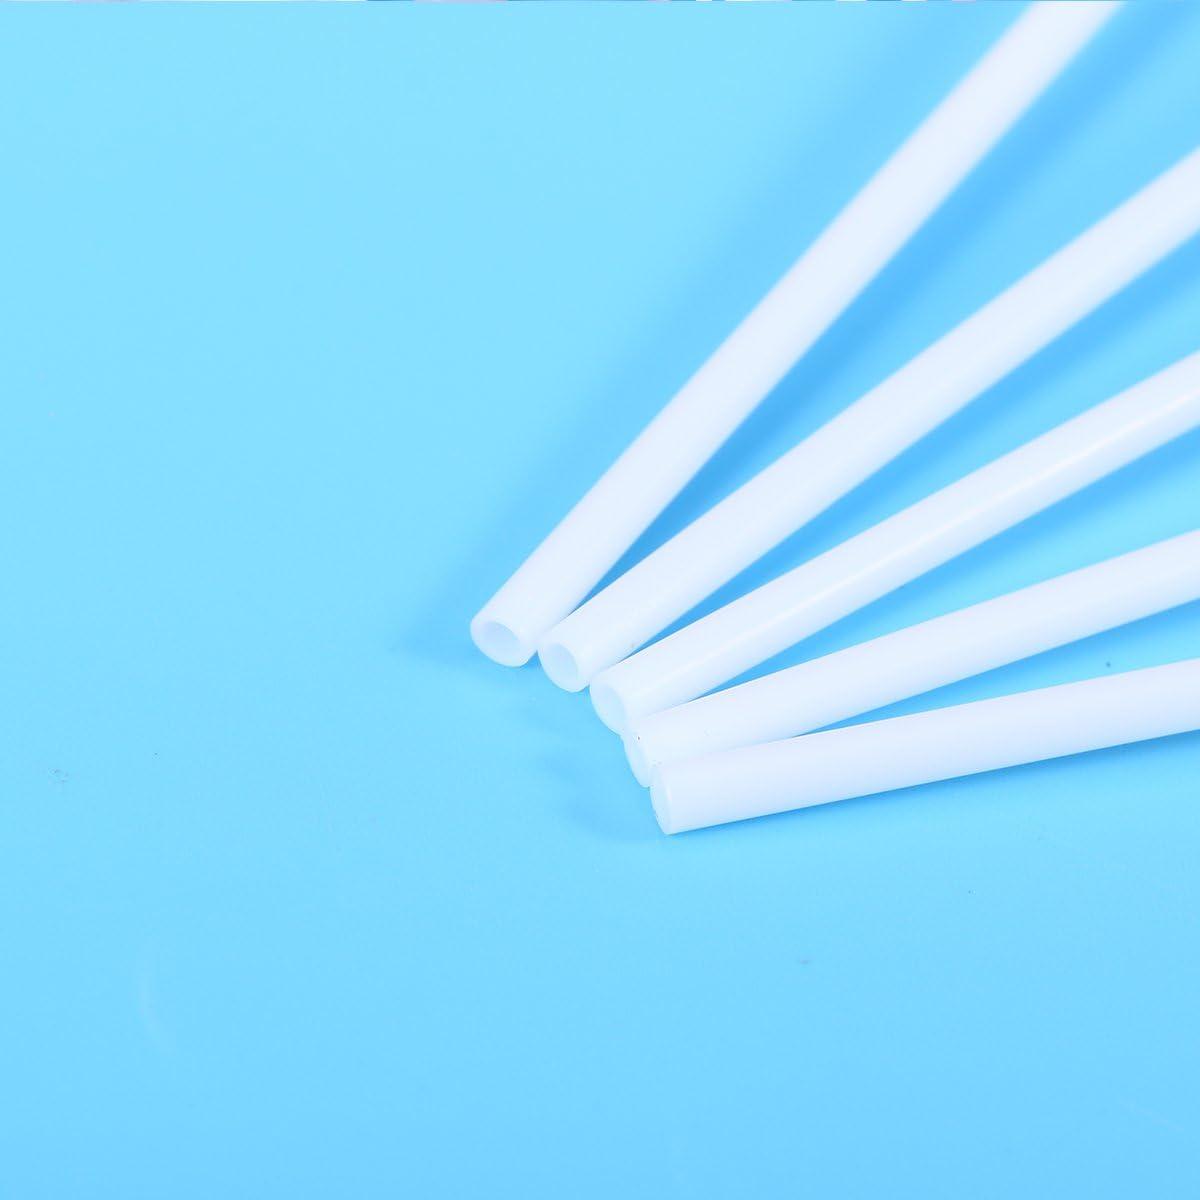 Lot de 100/tampons oraux jetables pour le soin de la bouche et des dents ULTNICE